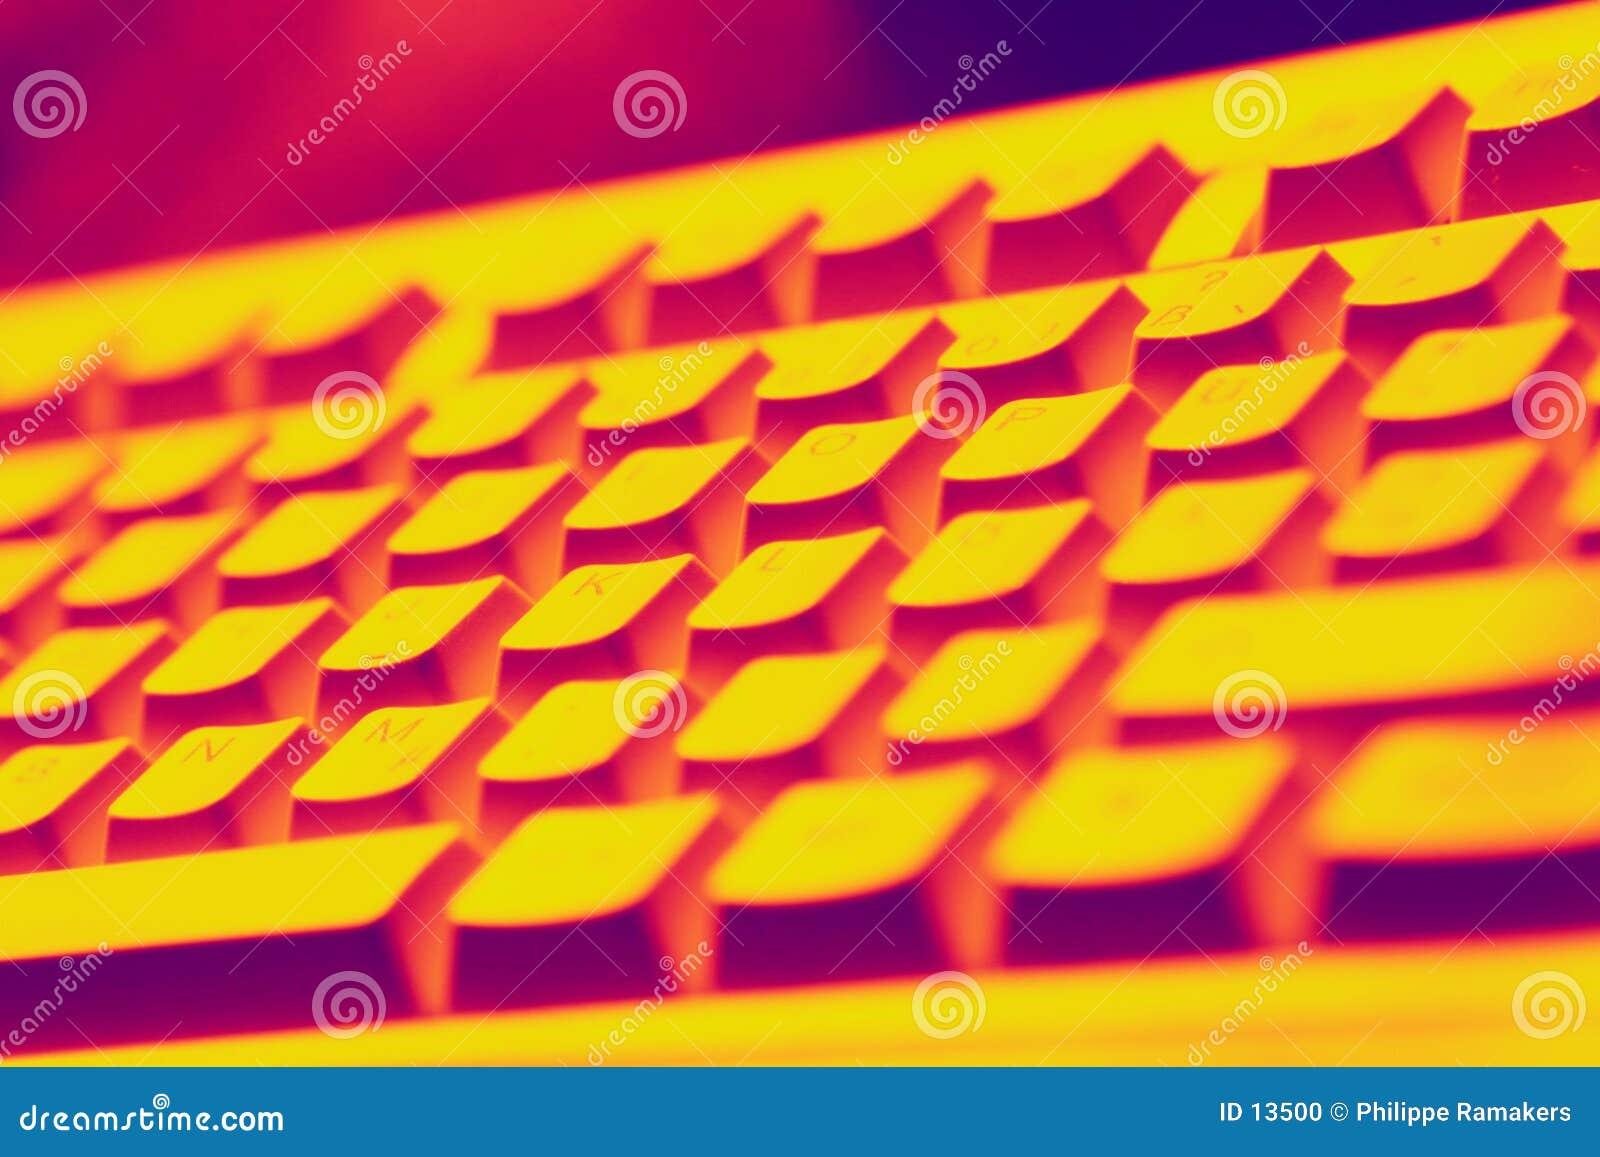 Visão do teclado